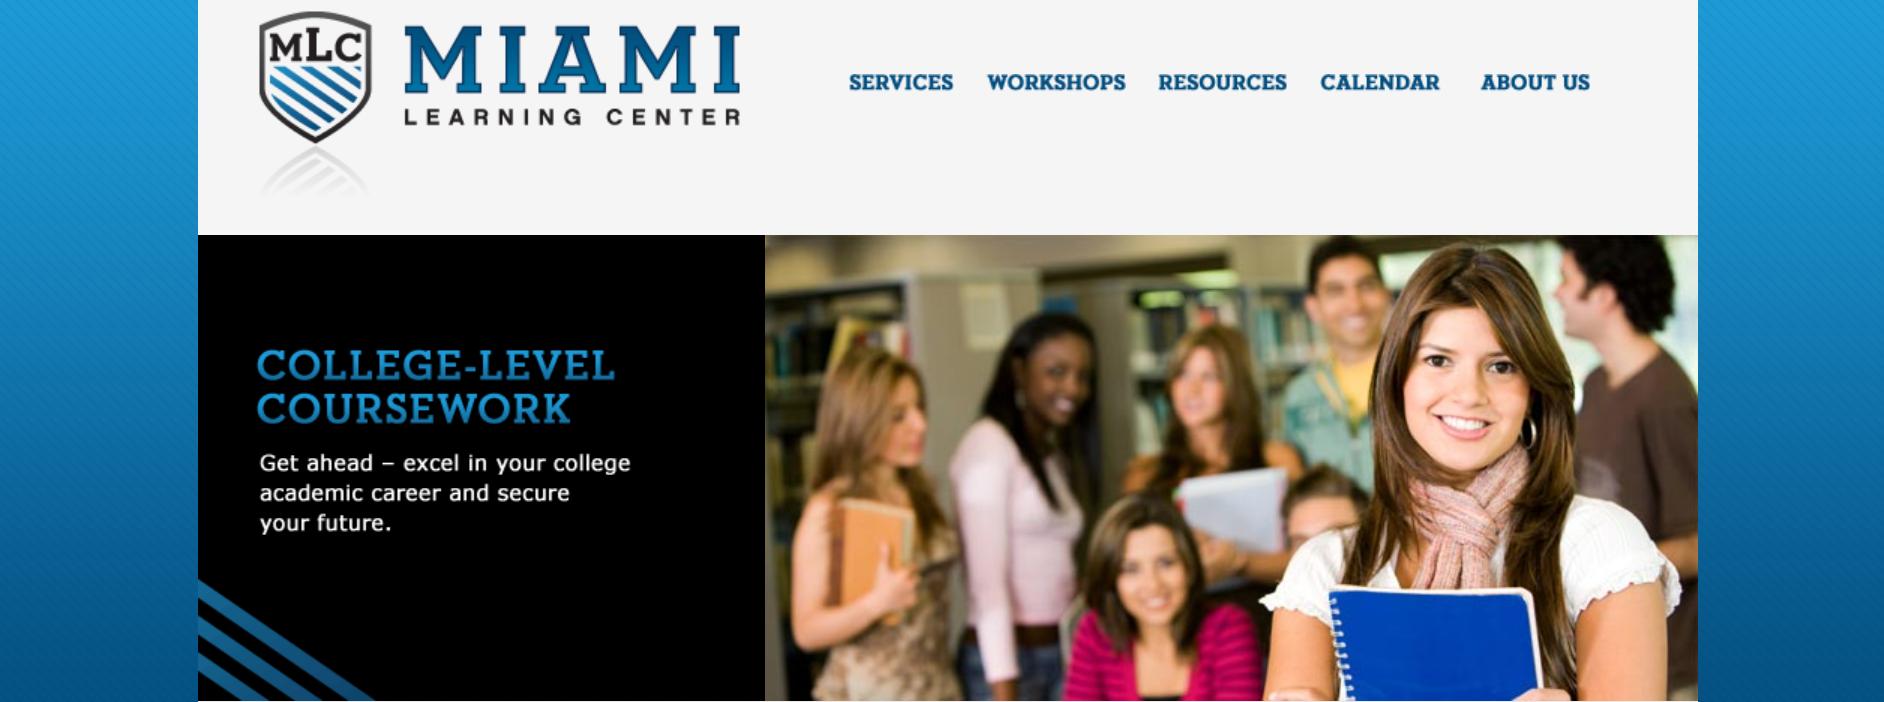 Miami Learning Center in Miami